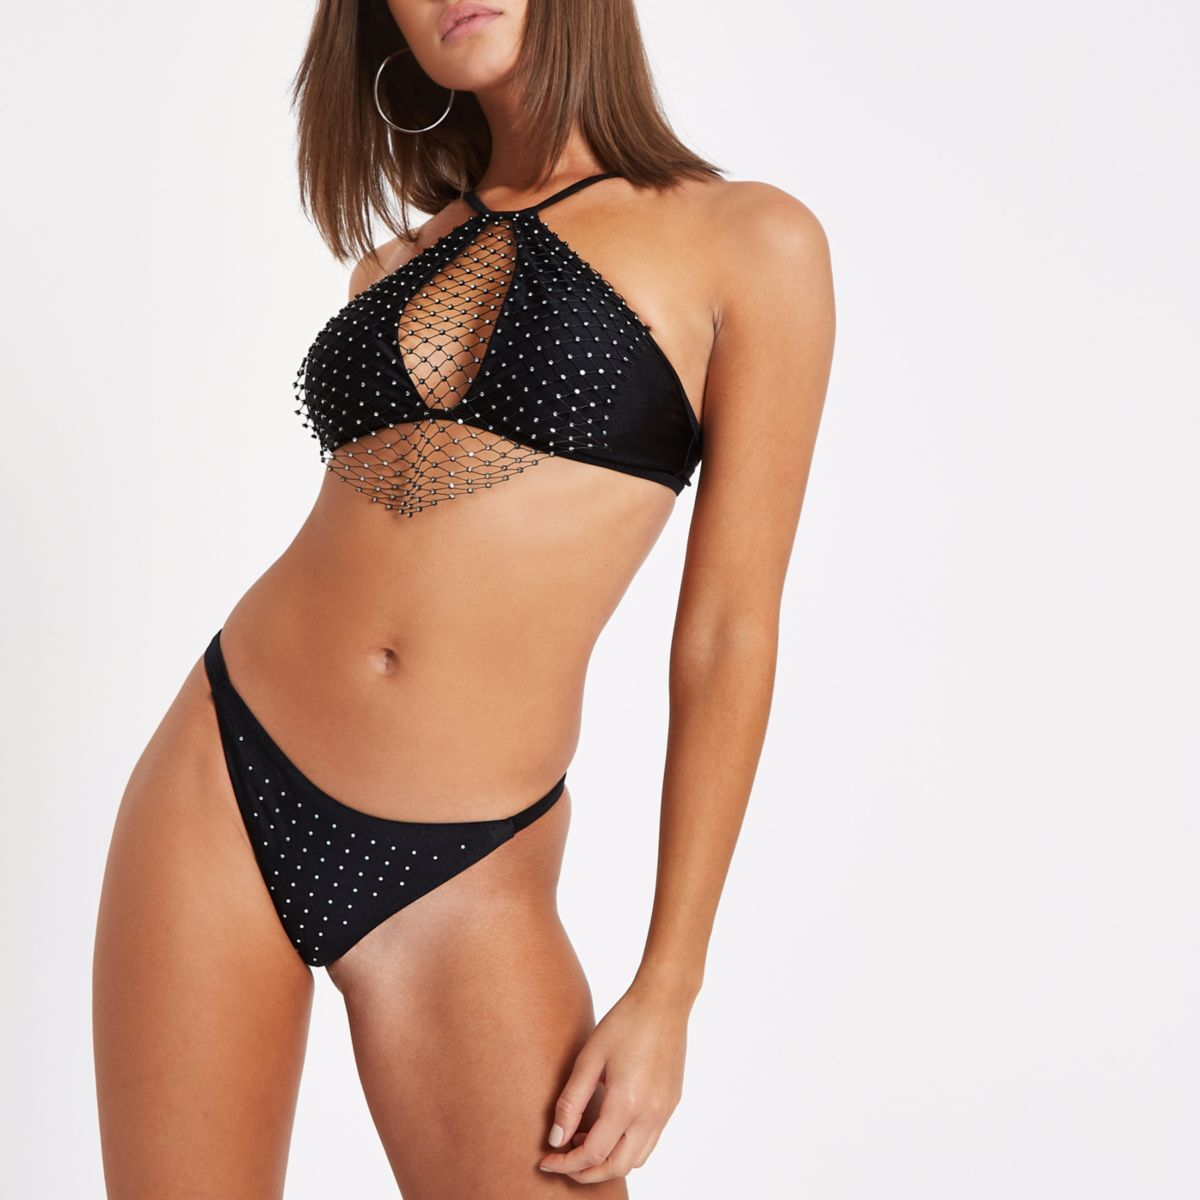 Schwarzer Bikinitanga mit Strasssteinchen